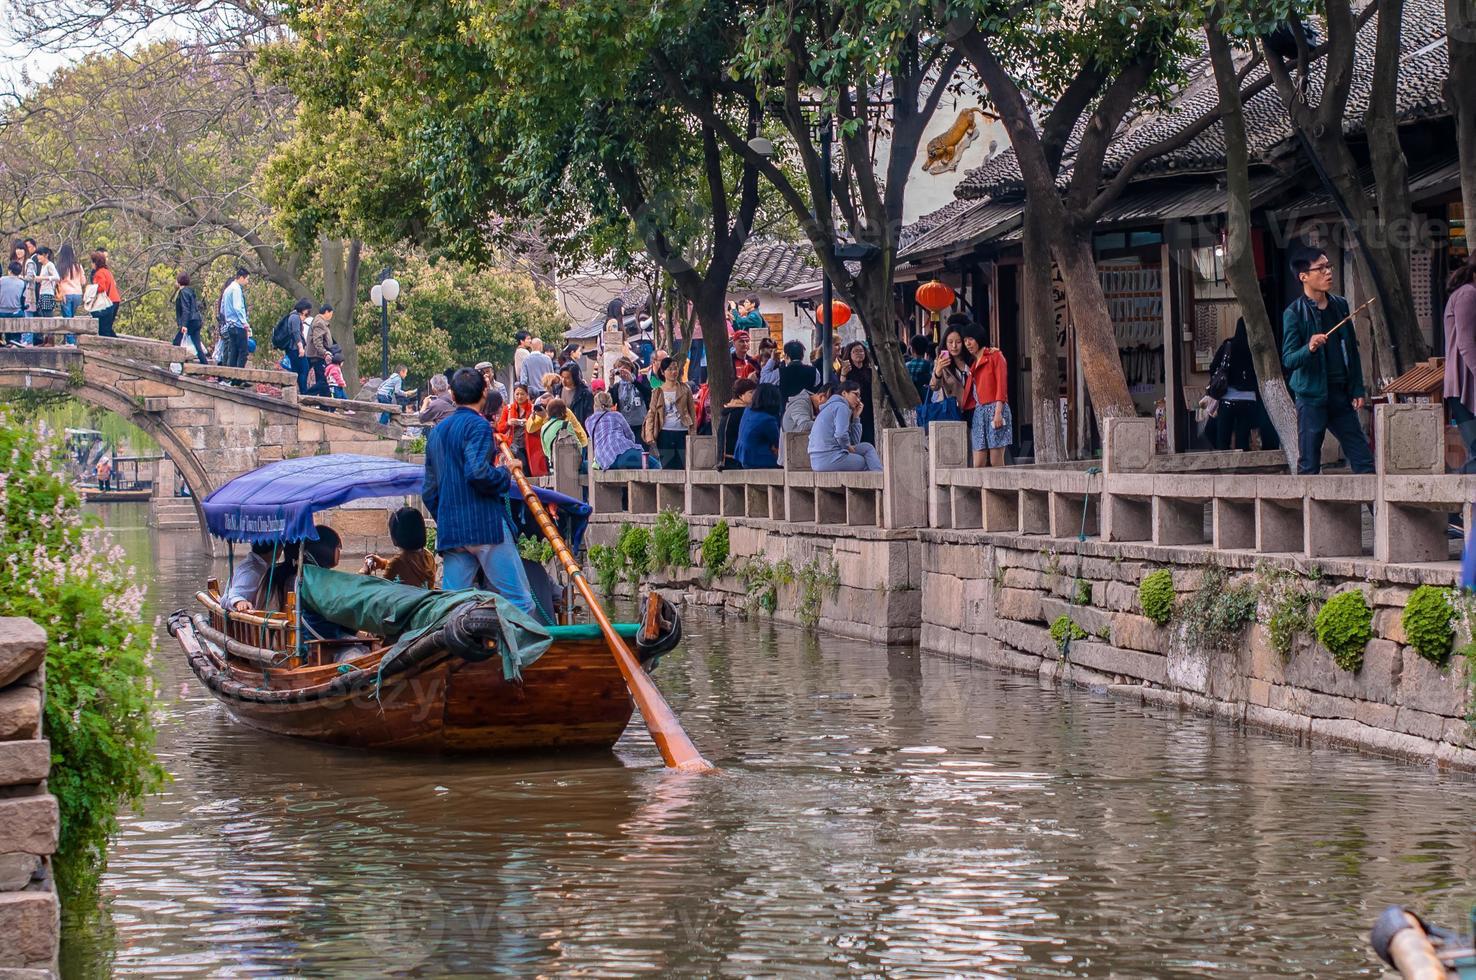 cidade mais antiga da água na china foto